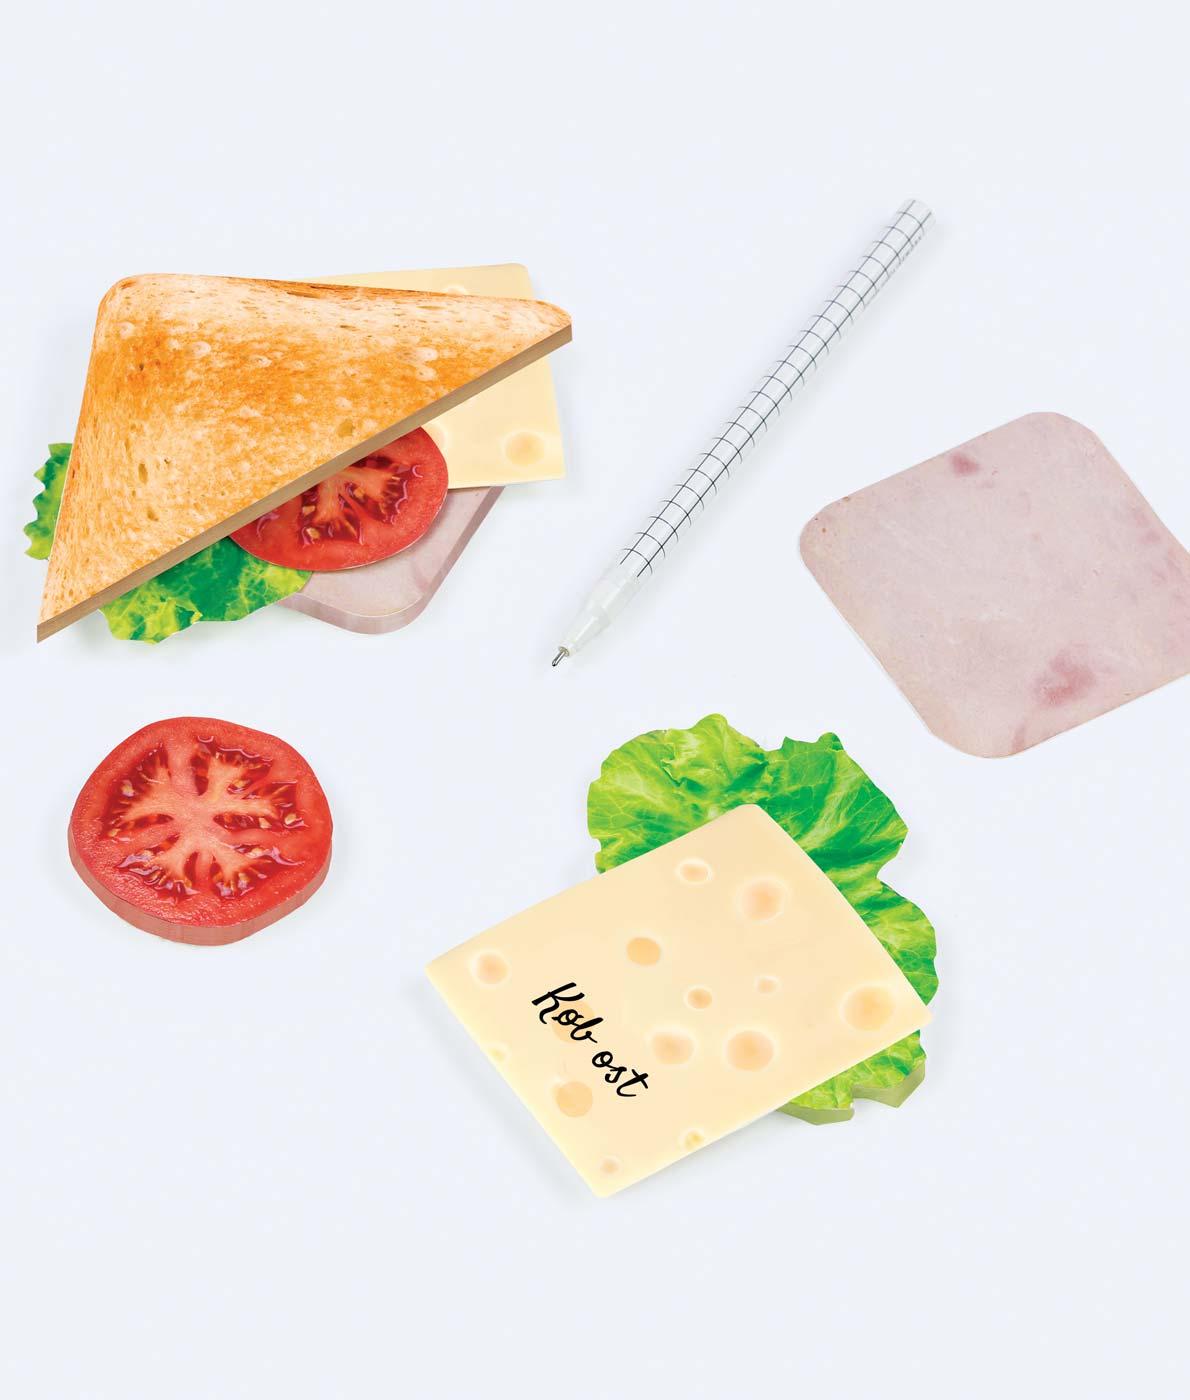 en-sjov-besked-til-madpakken